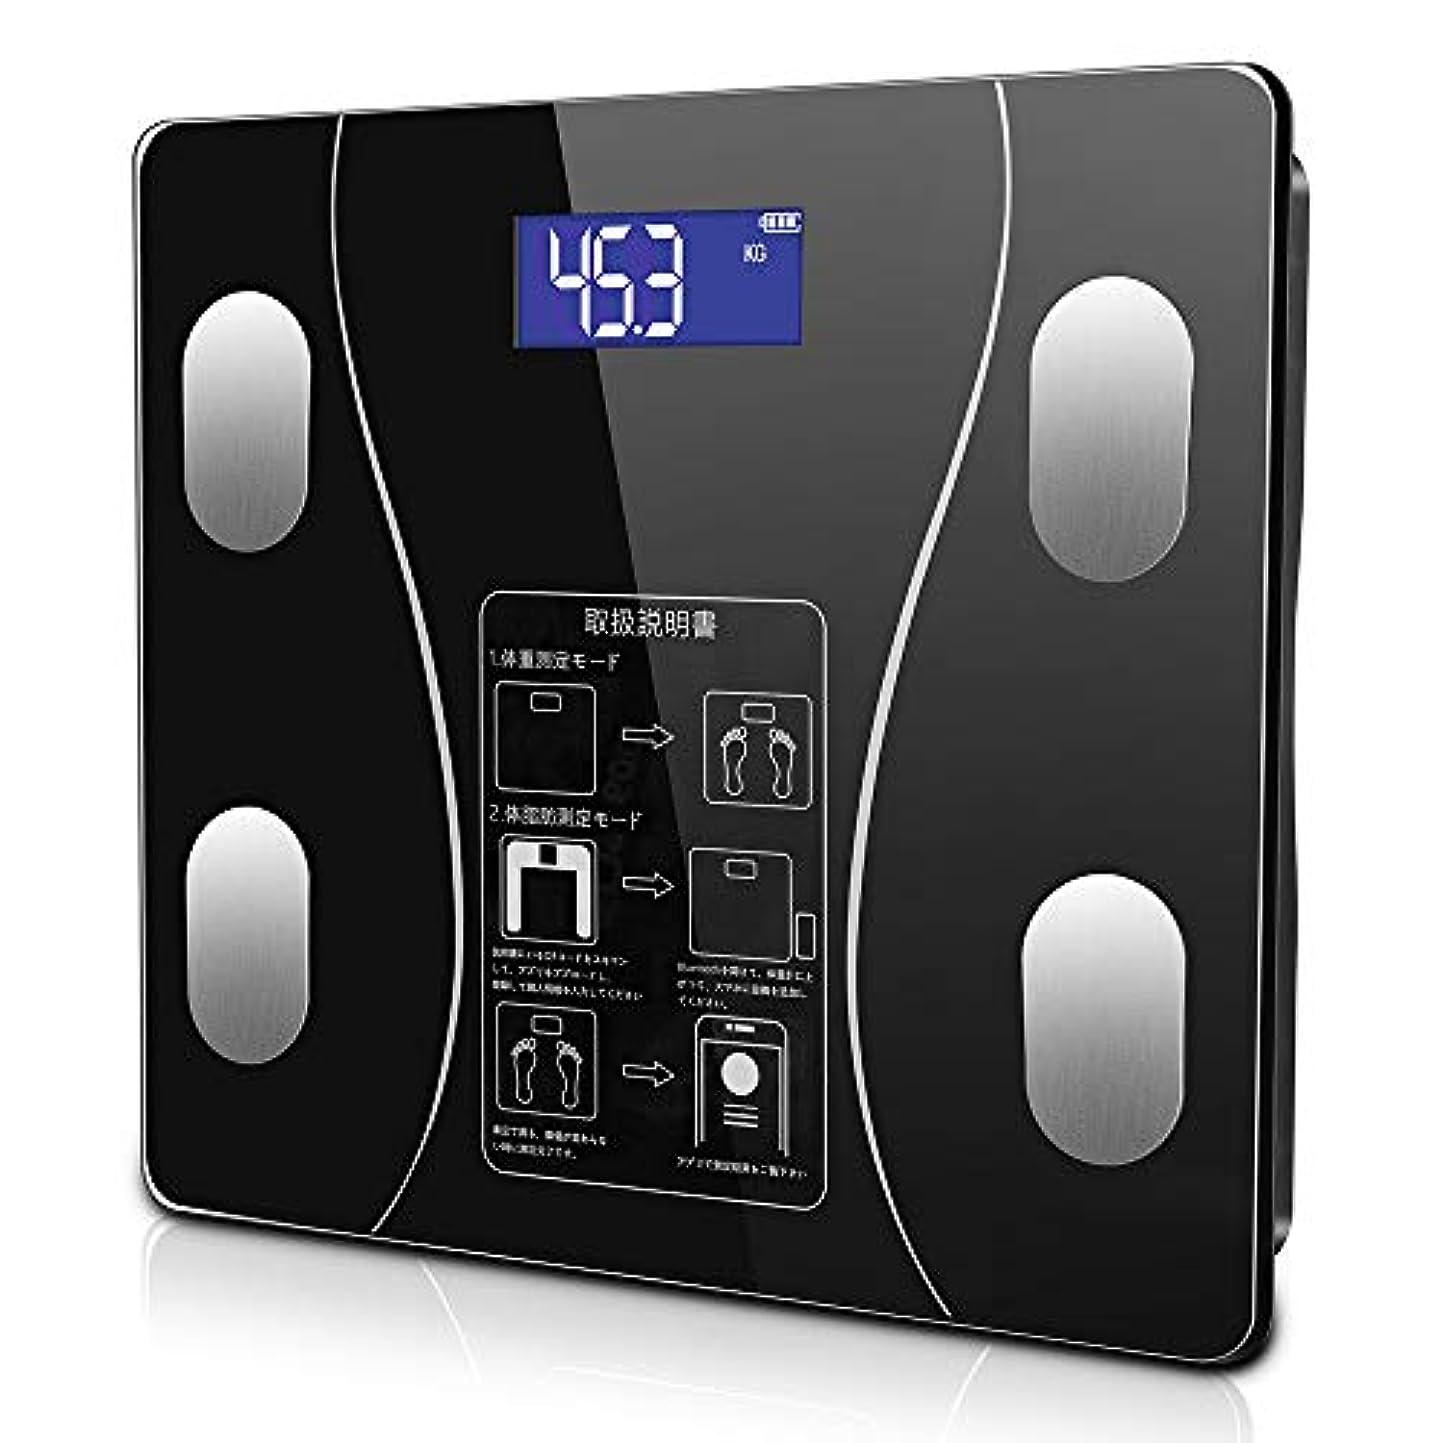 エミュレートするジュラシックパーク起こる体重計 体脂肪計 体組成計 ヘルスメーター Bluetooth LCDデジタル表示 強化ガラス 高精度センサー スマートスケール 体重/体脂肪率/BMI/BMR/体内水分/骨量/骨格筋など測定 健康管理